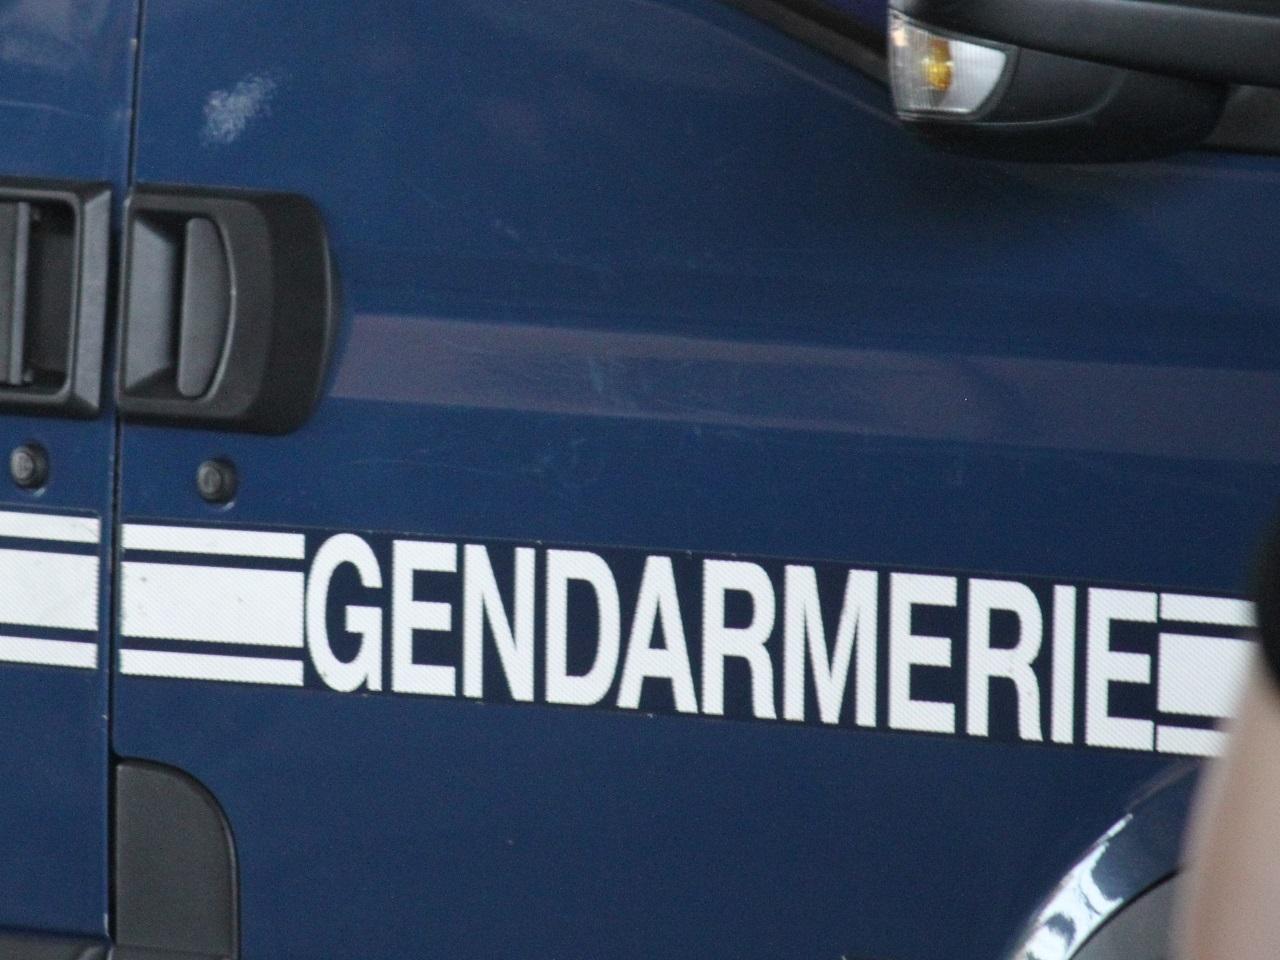 Les fillettes de la gendarmerie de Limonest mortes asphyxiées selon l'autopsie — Rhône